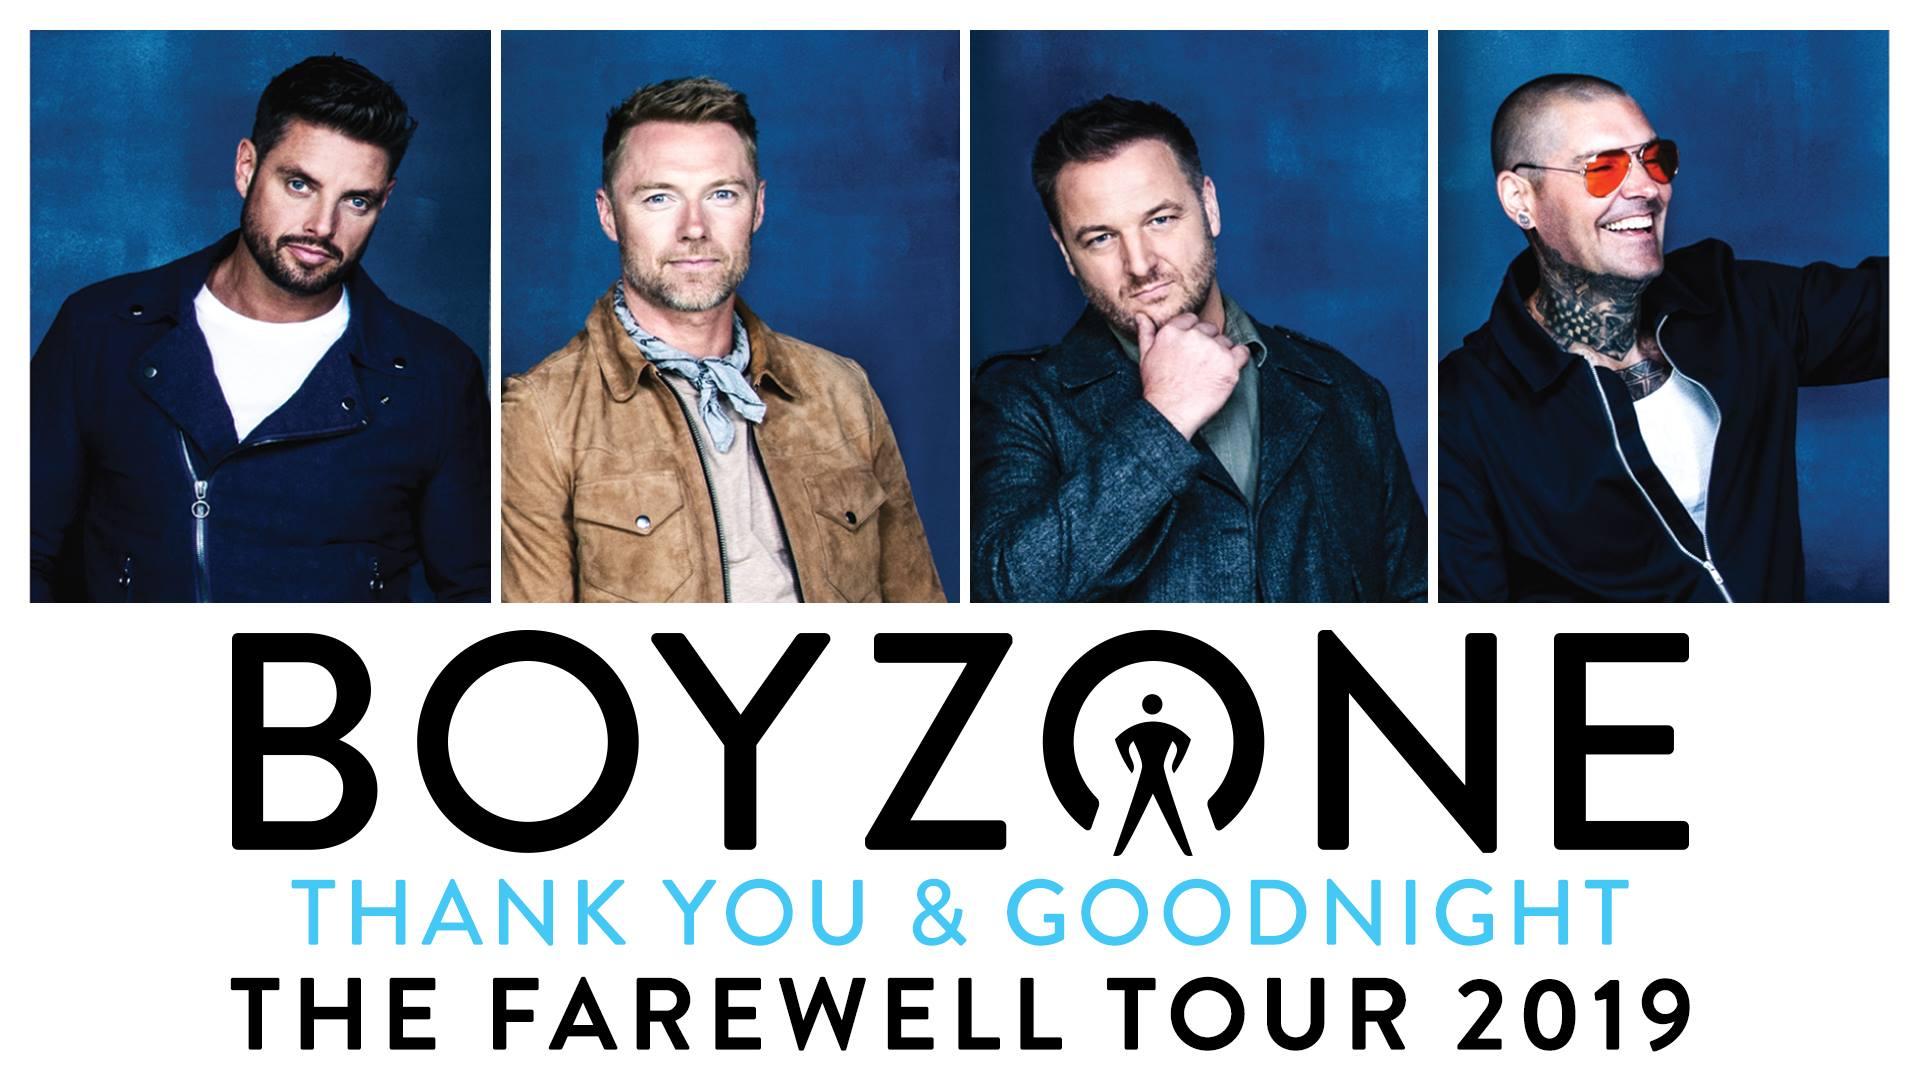 Boyzone2019